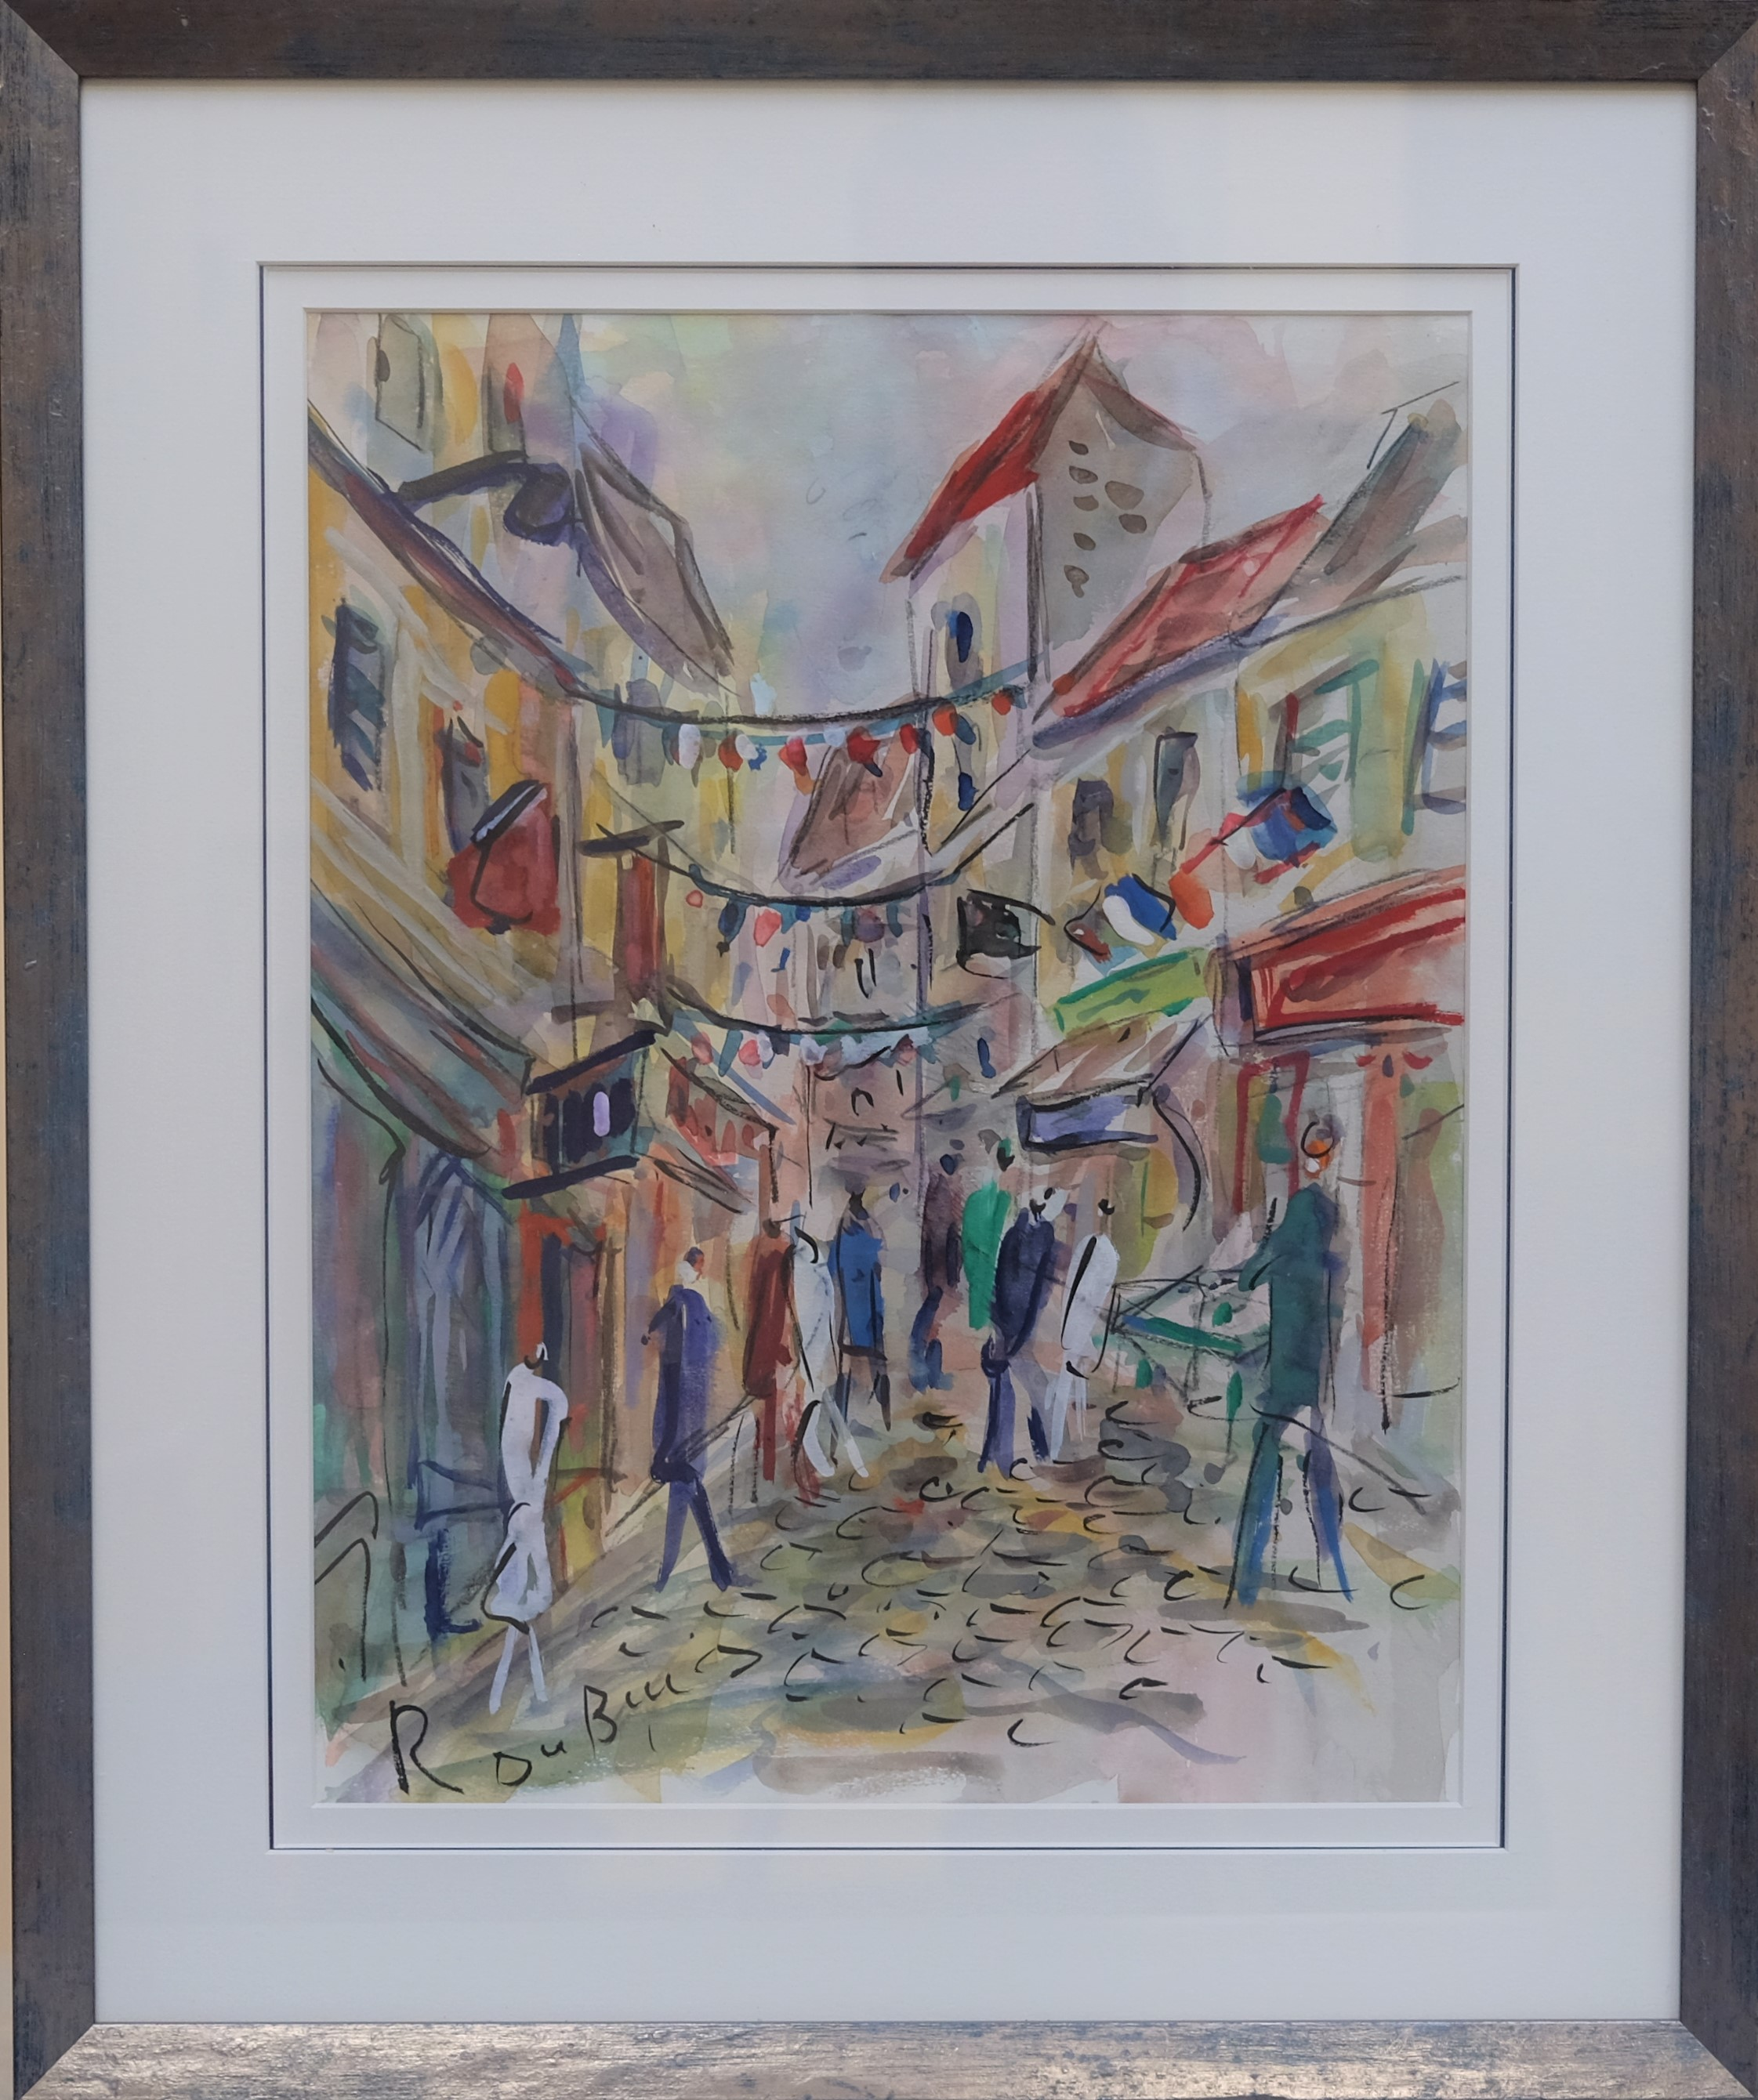 DUBUC Roland (1924-1998). La rue pavoisée. Gouache. Signée en bas à gauche. 40 X 30.